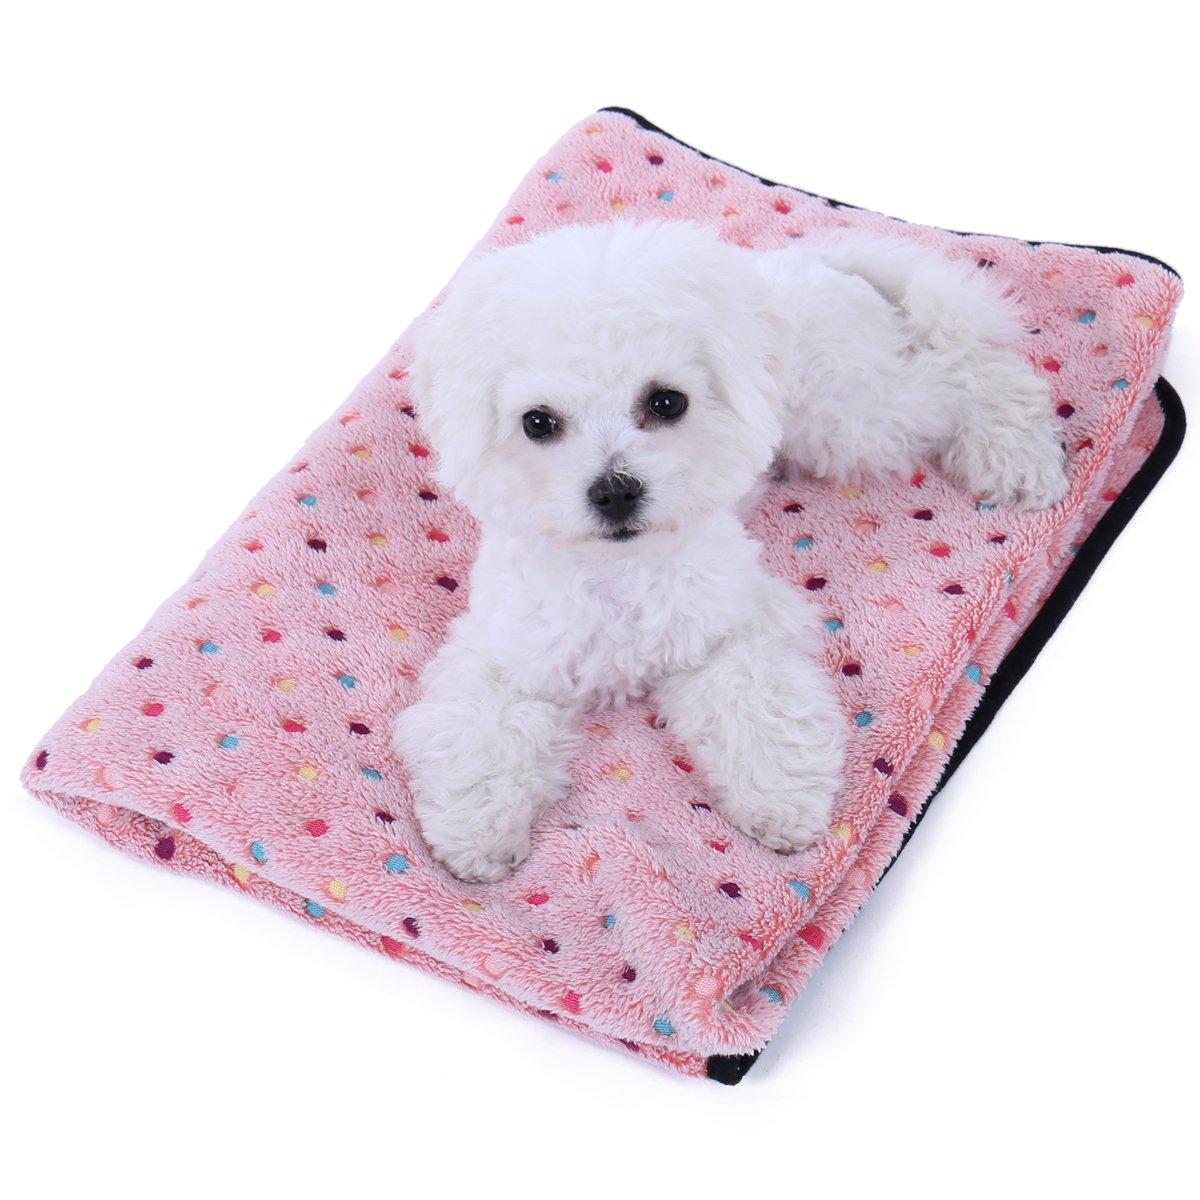 PAWZ Road Pet Dog Manta Fluffy Fleece Fabric Suave y Linda Warm Dot Print Manta Lavable para Gatos y Perros Rojo 77 * 53cm: Amazon.es: Productos para ...